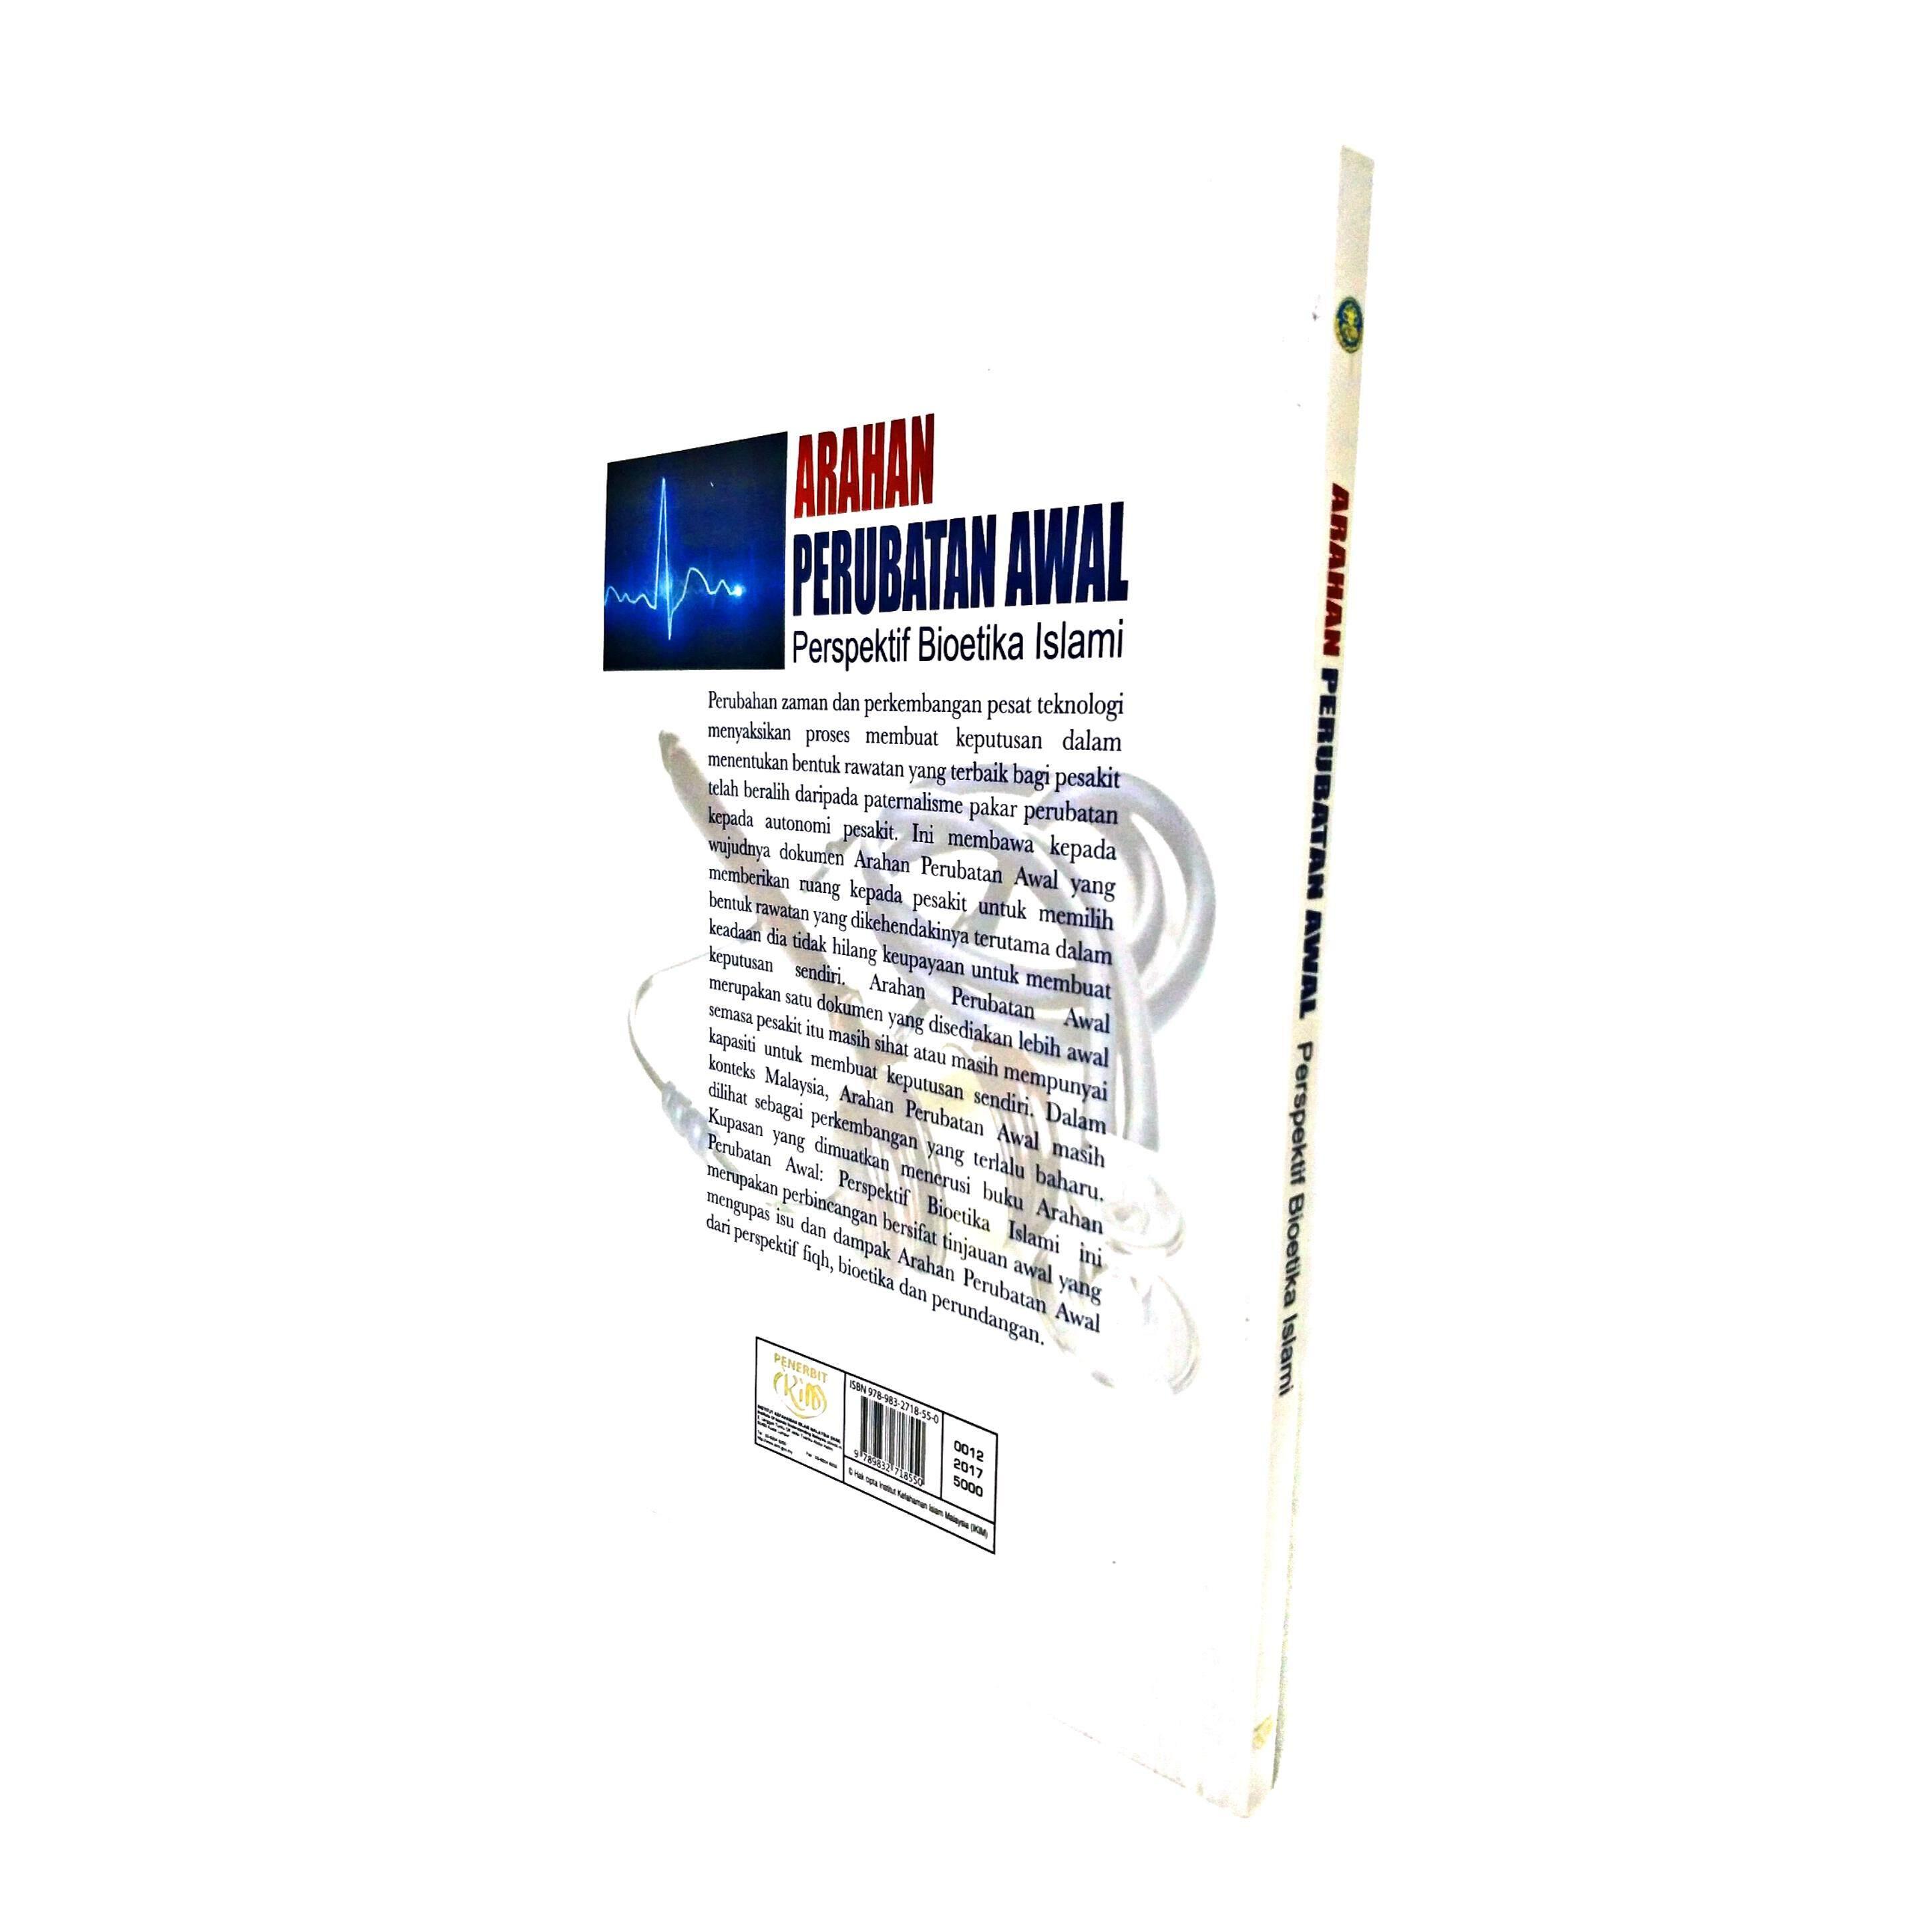 Arahan Perubatan Awal: Perspektif Bioetika Islami, Penyunting: Shaikh Mohd. Saifuddeen Bin Shaikh Mohd. Salleh/Mohammad Mustaqim Malek oleh IKIM